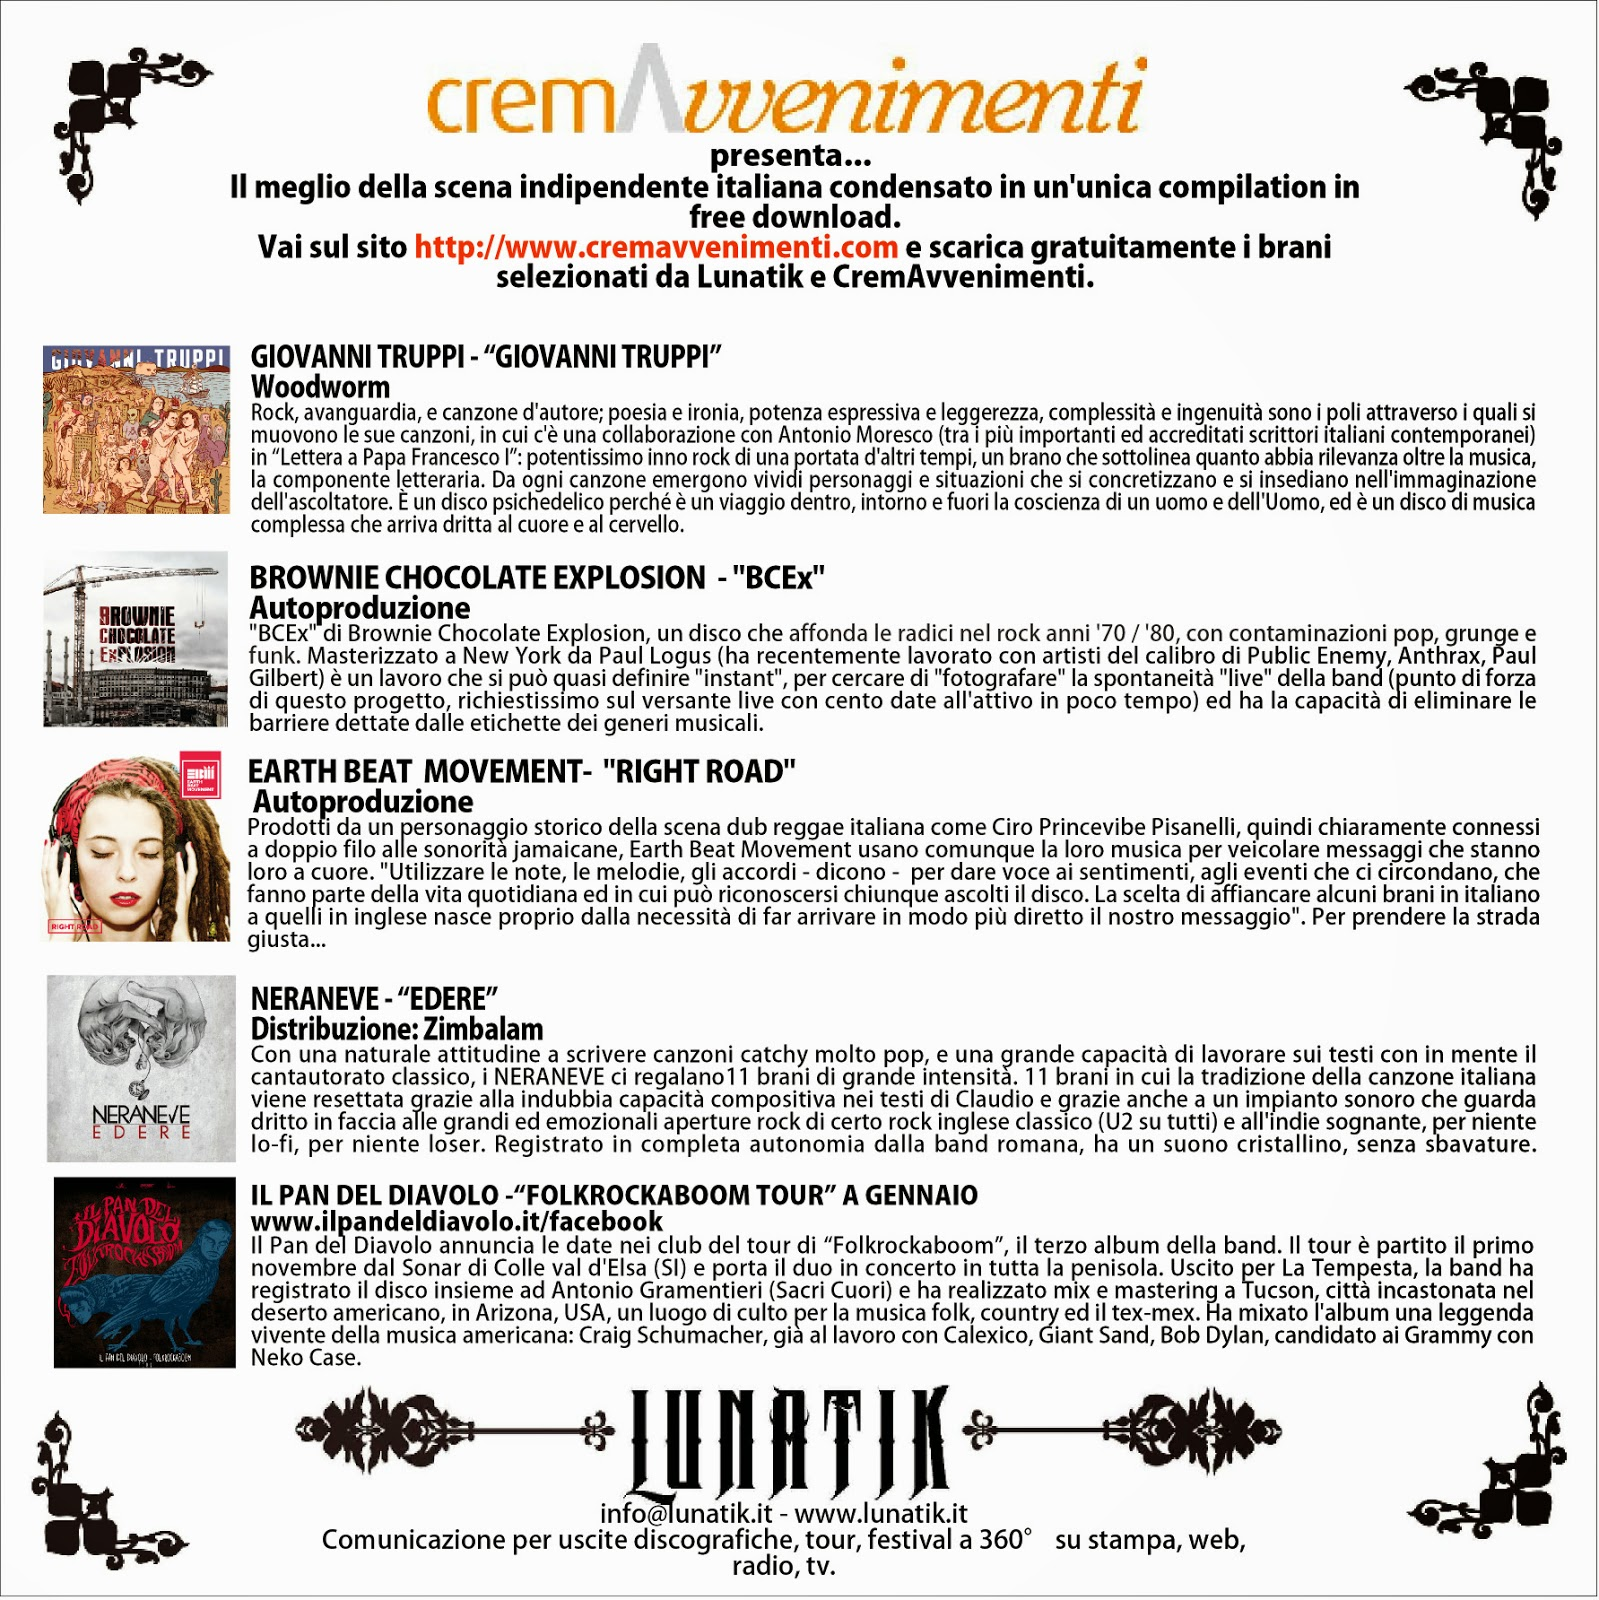 https://soundcloud.com/trantrancomp/sets/compilation-lunatik-gennaio-2015/s-cagmf